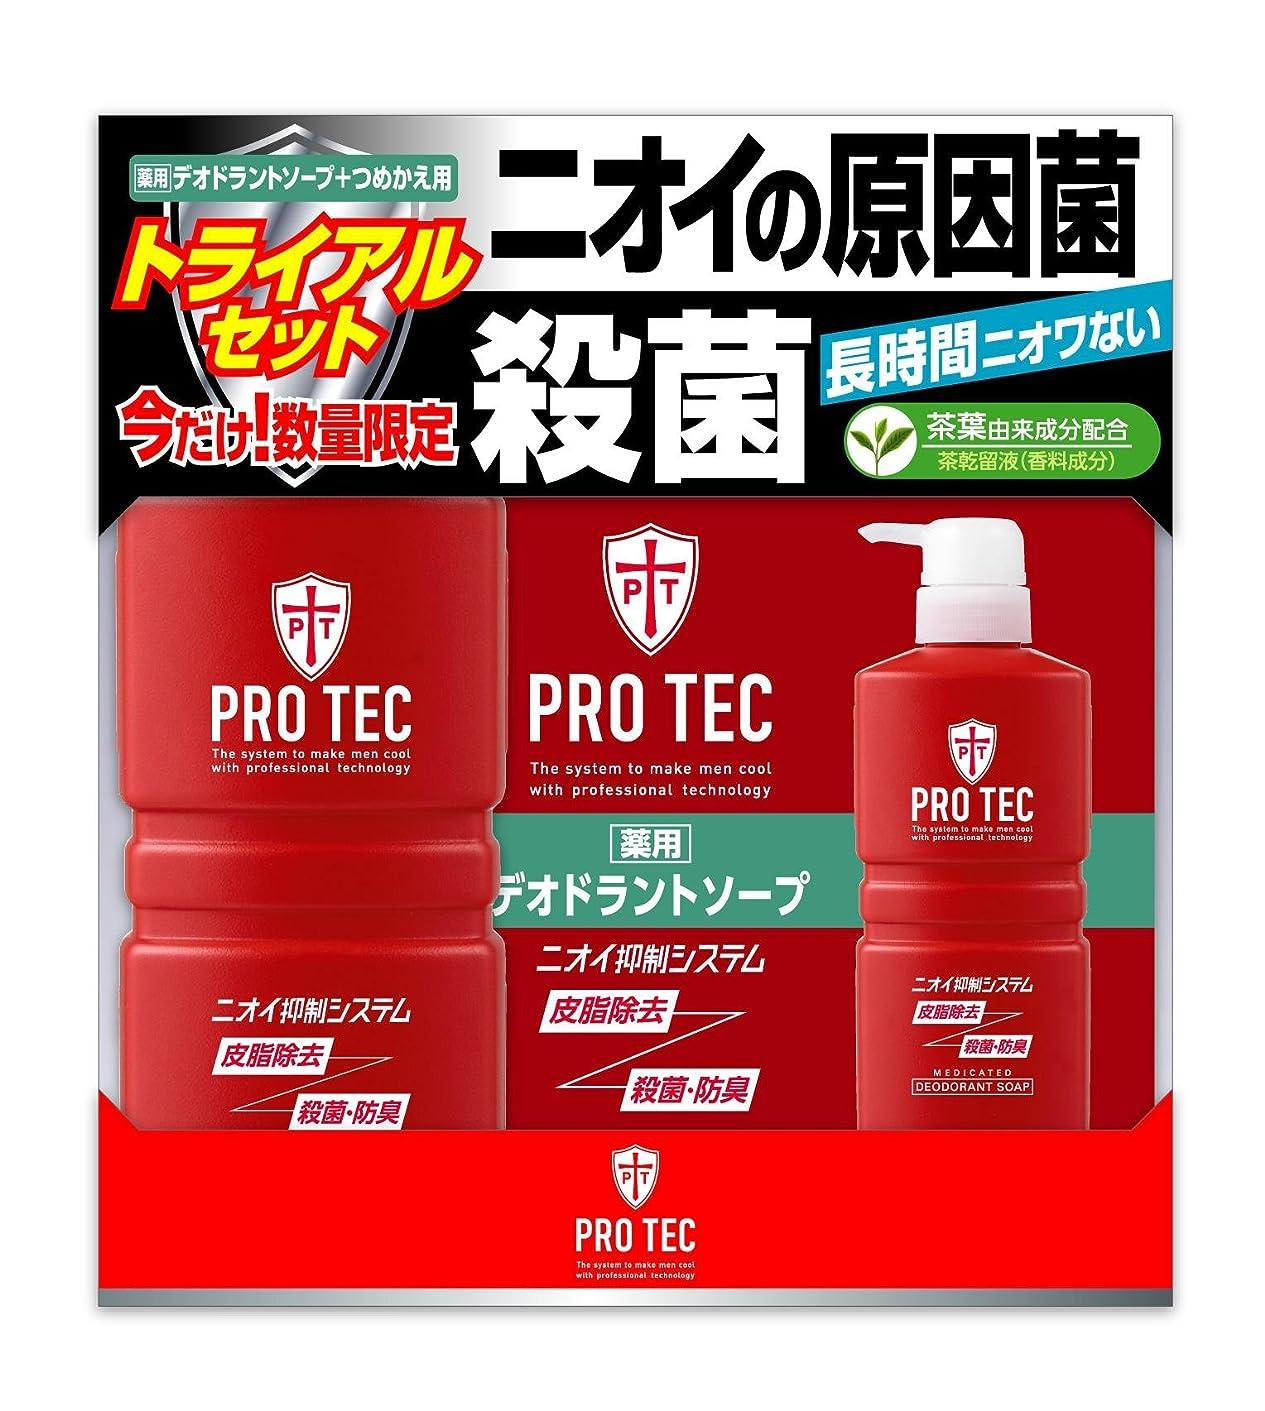 伝導率労苦ええPRO TEC(プロテク) デオドラントソープ 本体420ml+詰替330ml セット[医薬部外品]